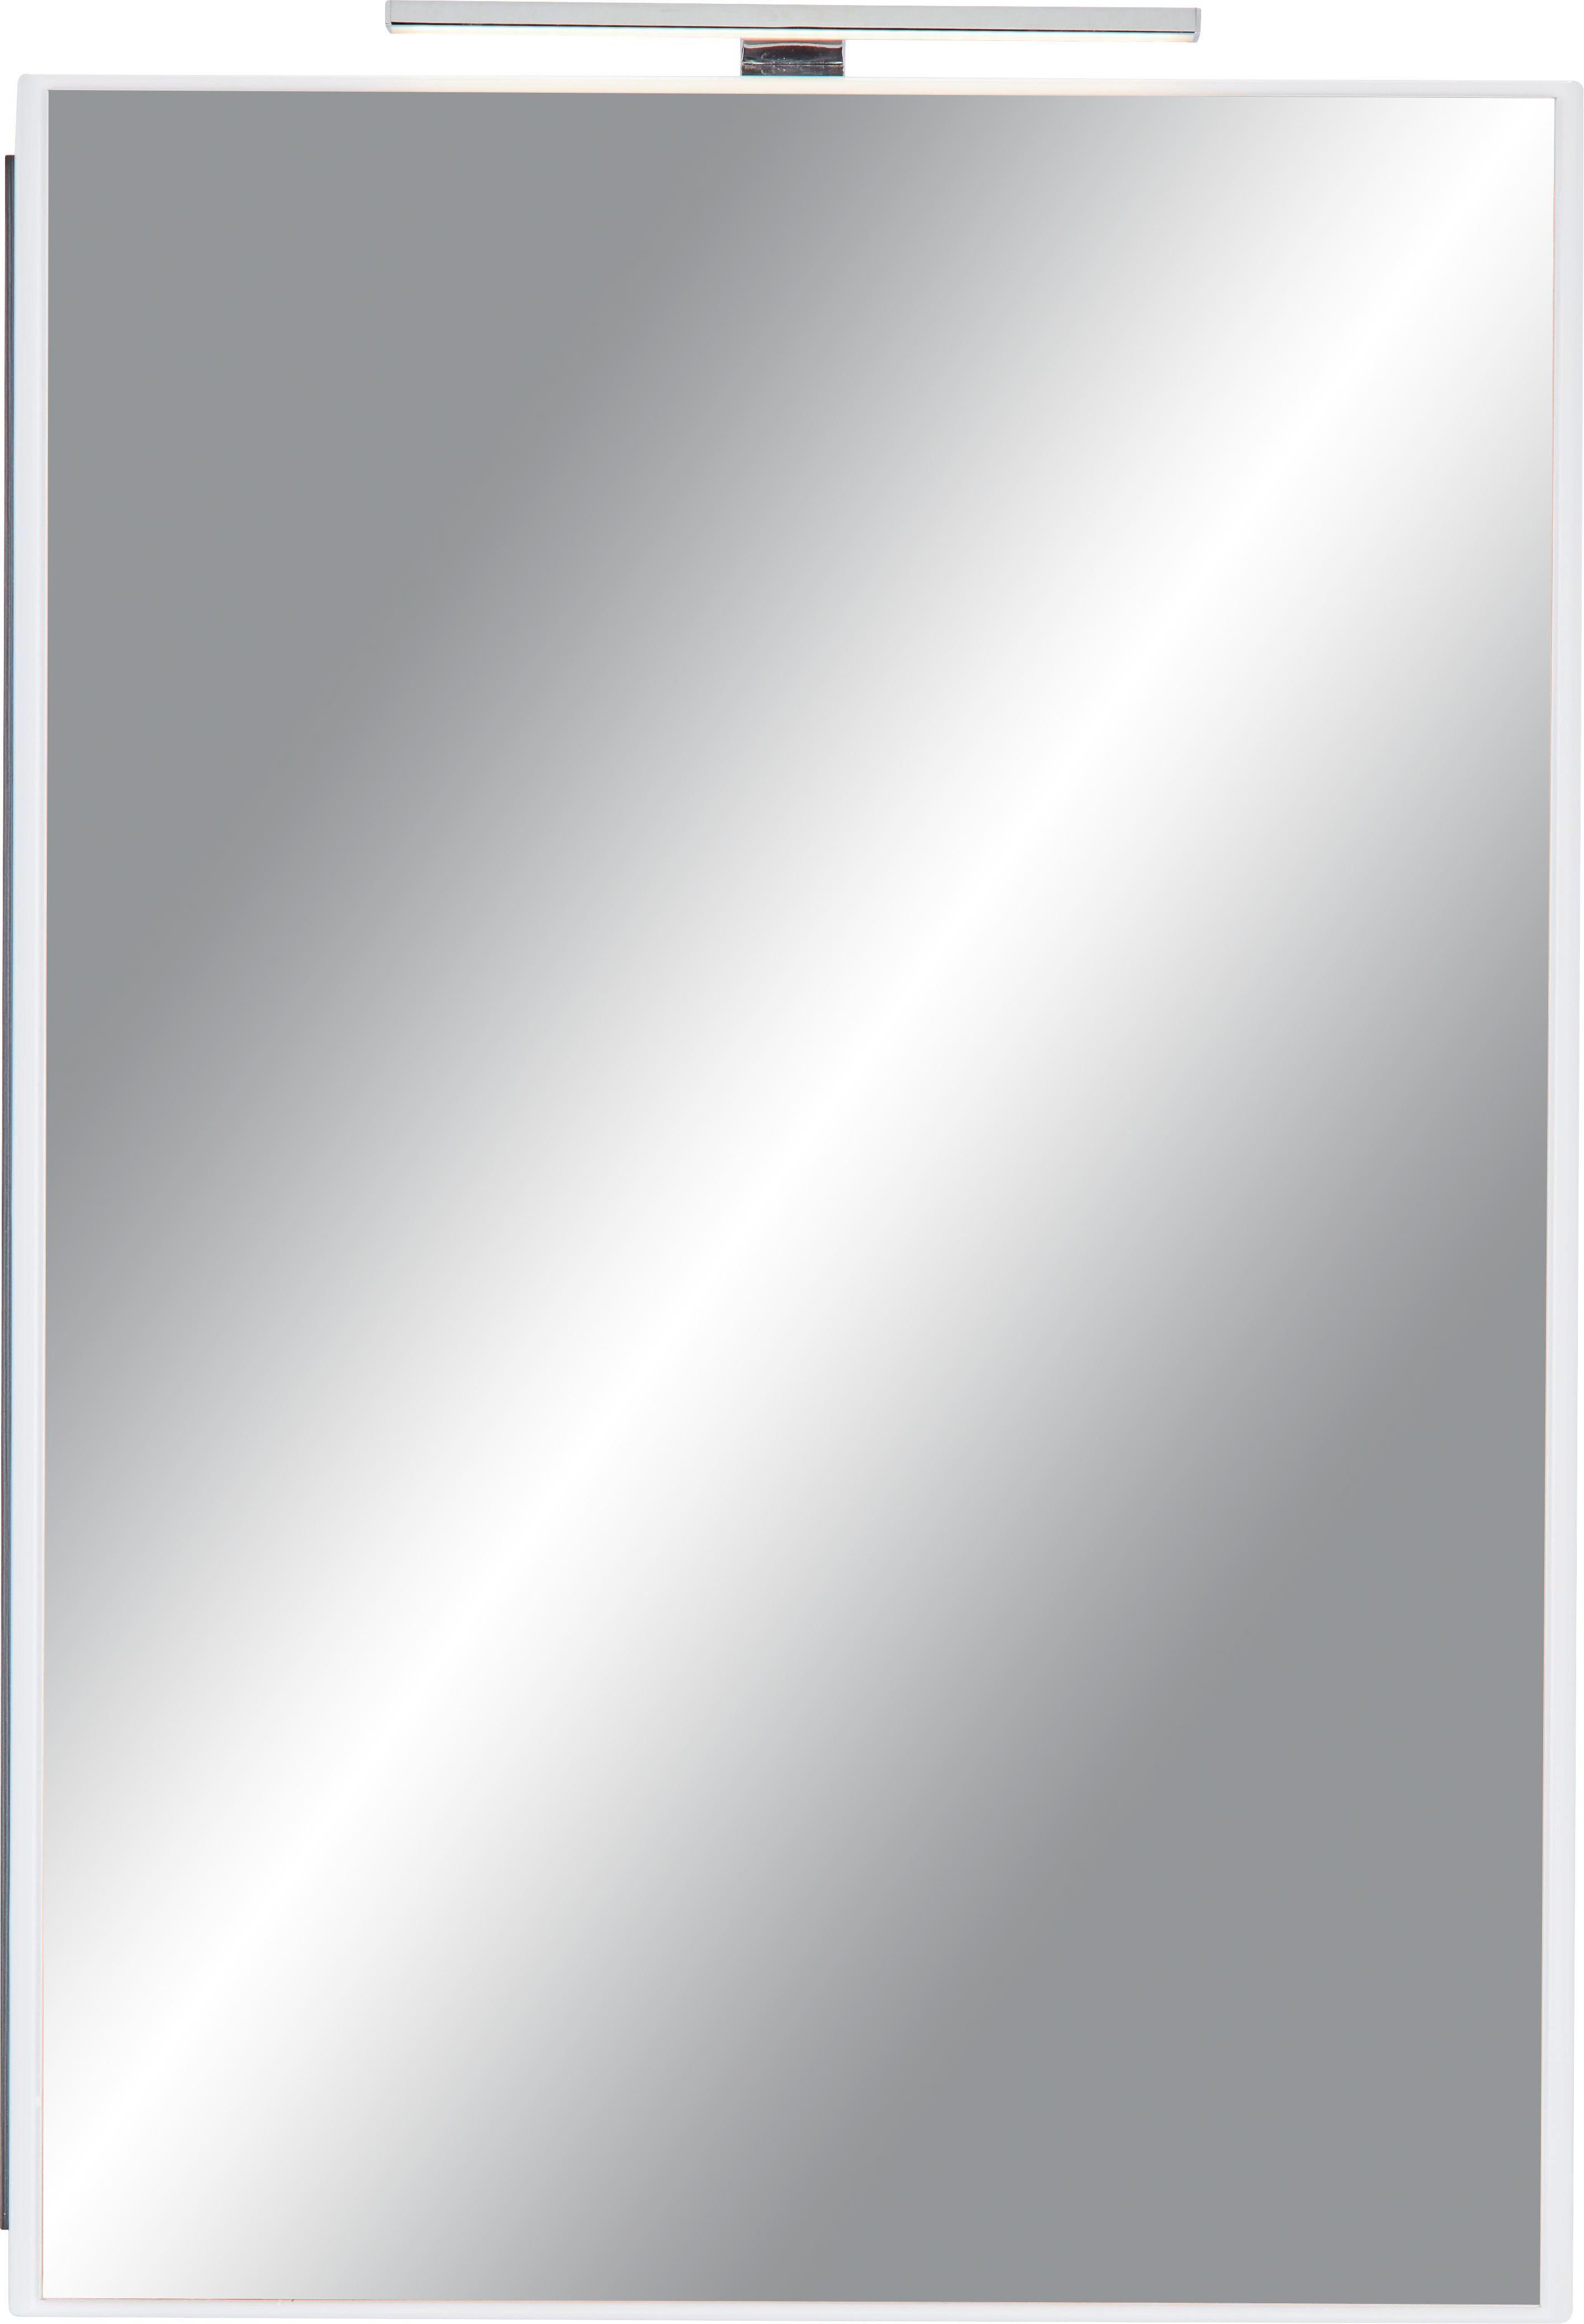 Spiegelschrank ca. 60x85x20cm - Braun/Weiß, MODERN, Holzwerkstoff/Metall (52/150/35cm) - MÖMAX modern living